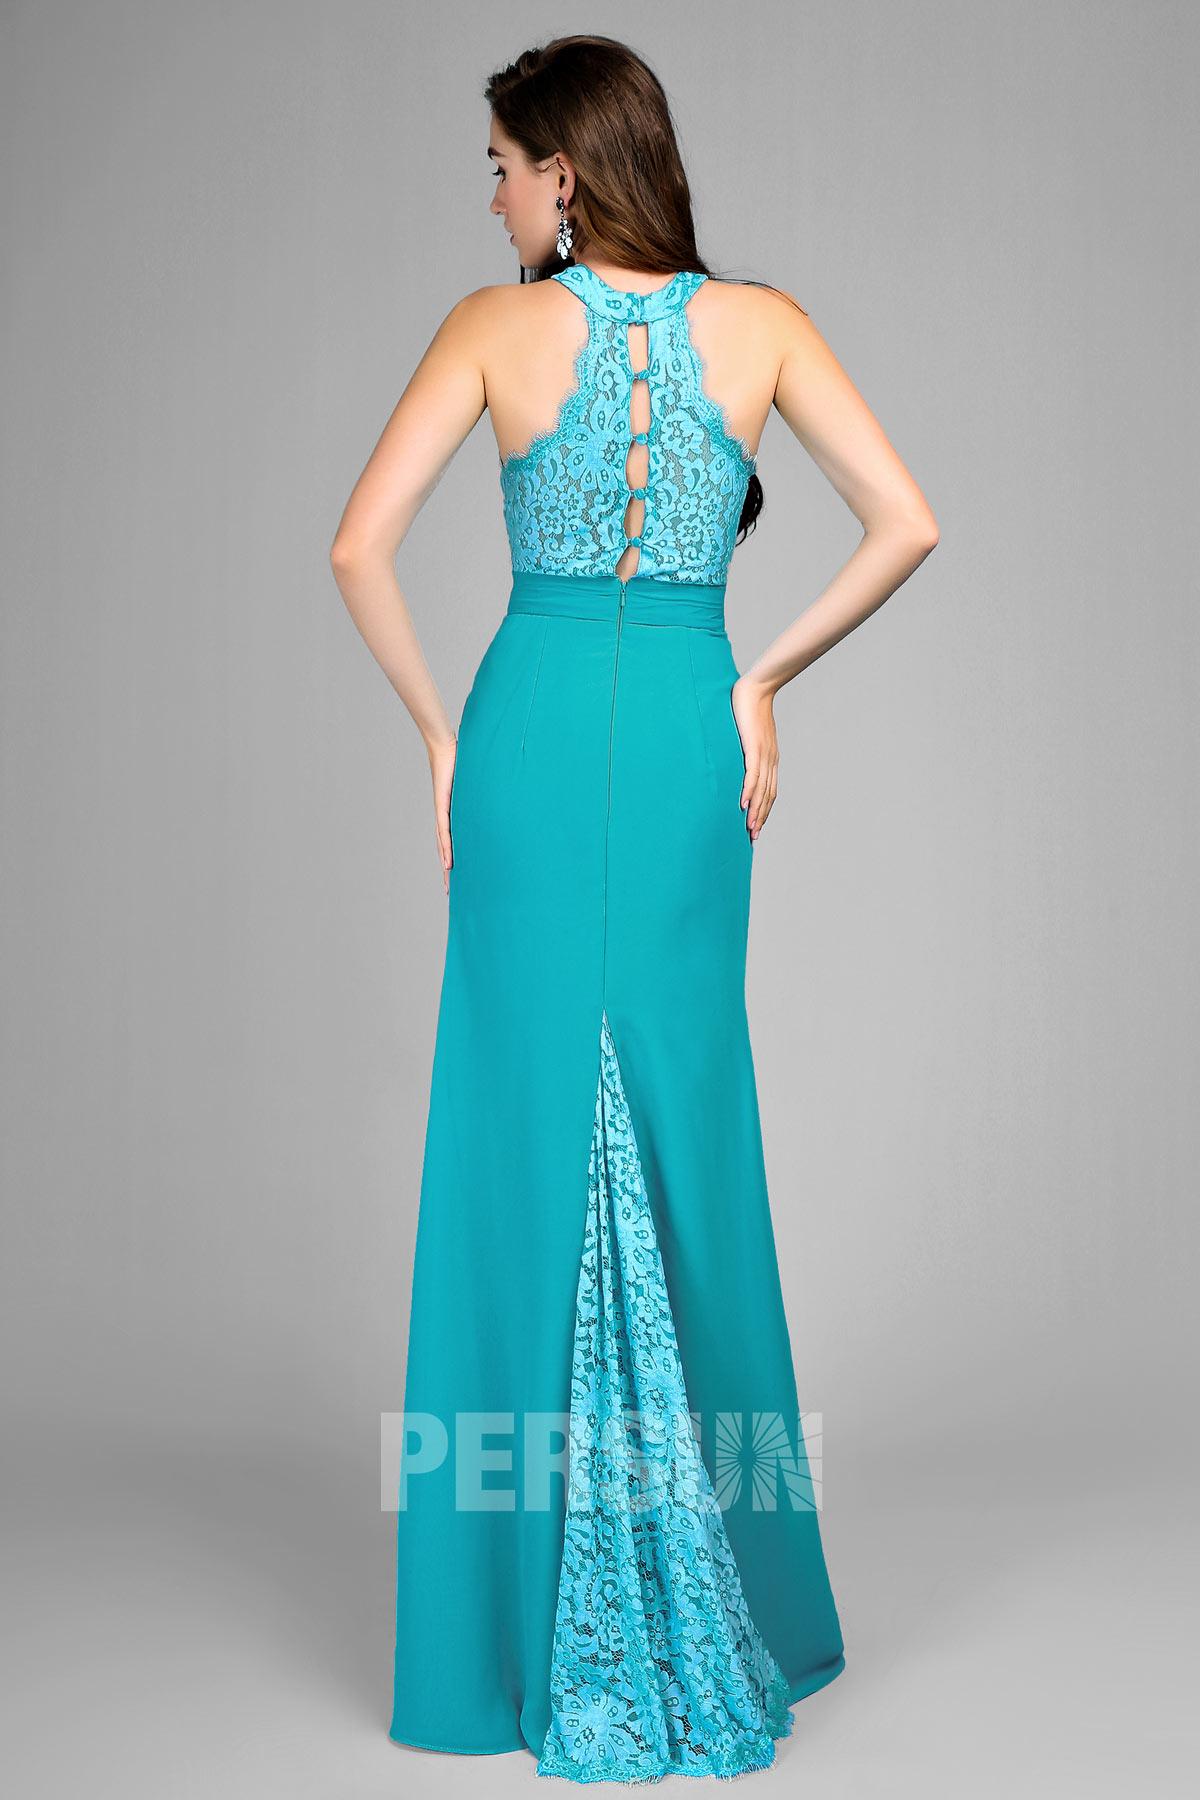 Robe bleu turquoise sirène pour soirée de mariage haut & traîne en dentelle